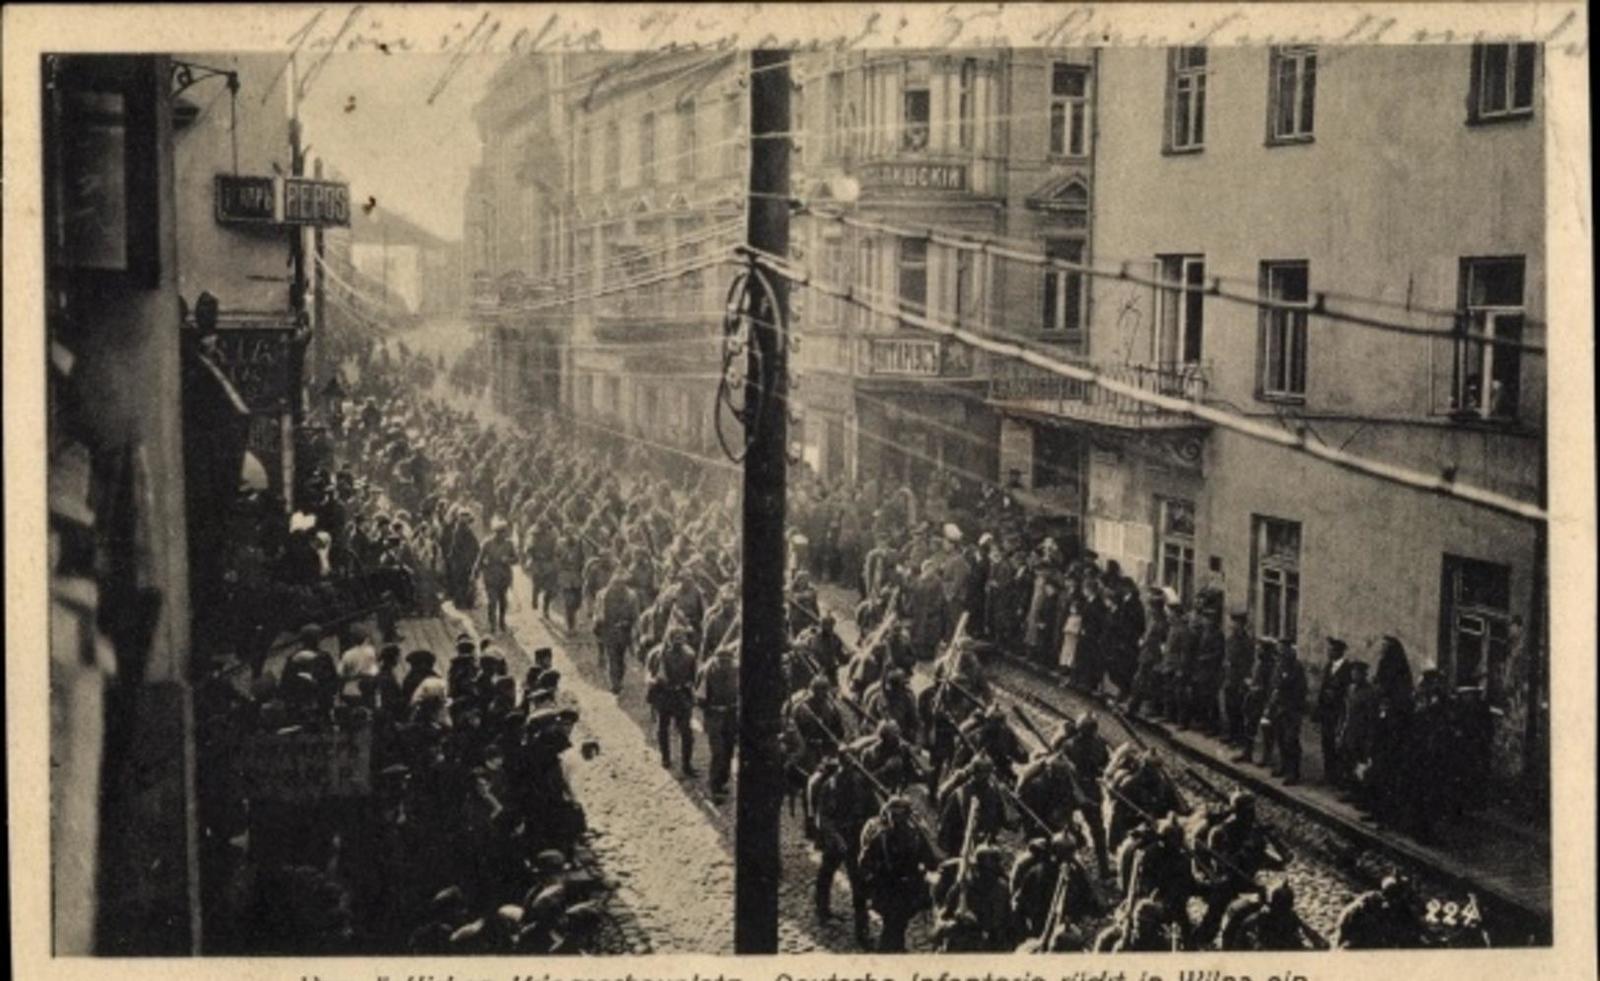 Vilnius -  Cp Vilnius Wilna Litauen, Deutsche Infanterie rückt ein, Östlicher Kriegsschauplatz, I. WK